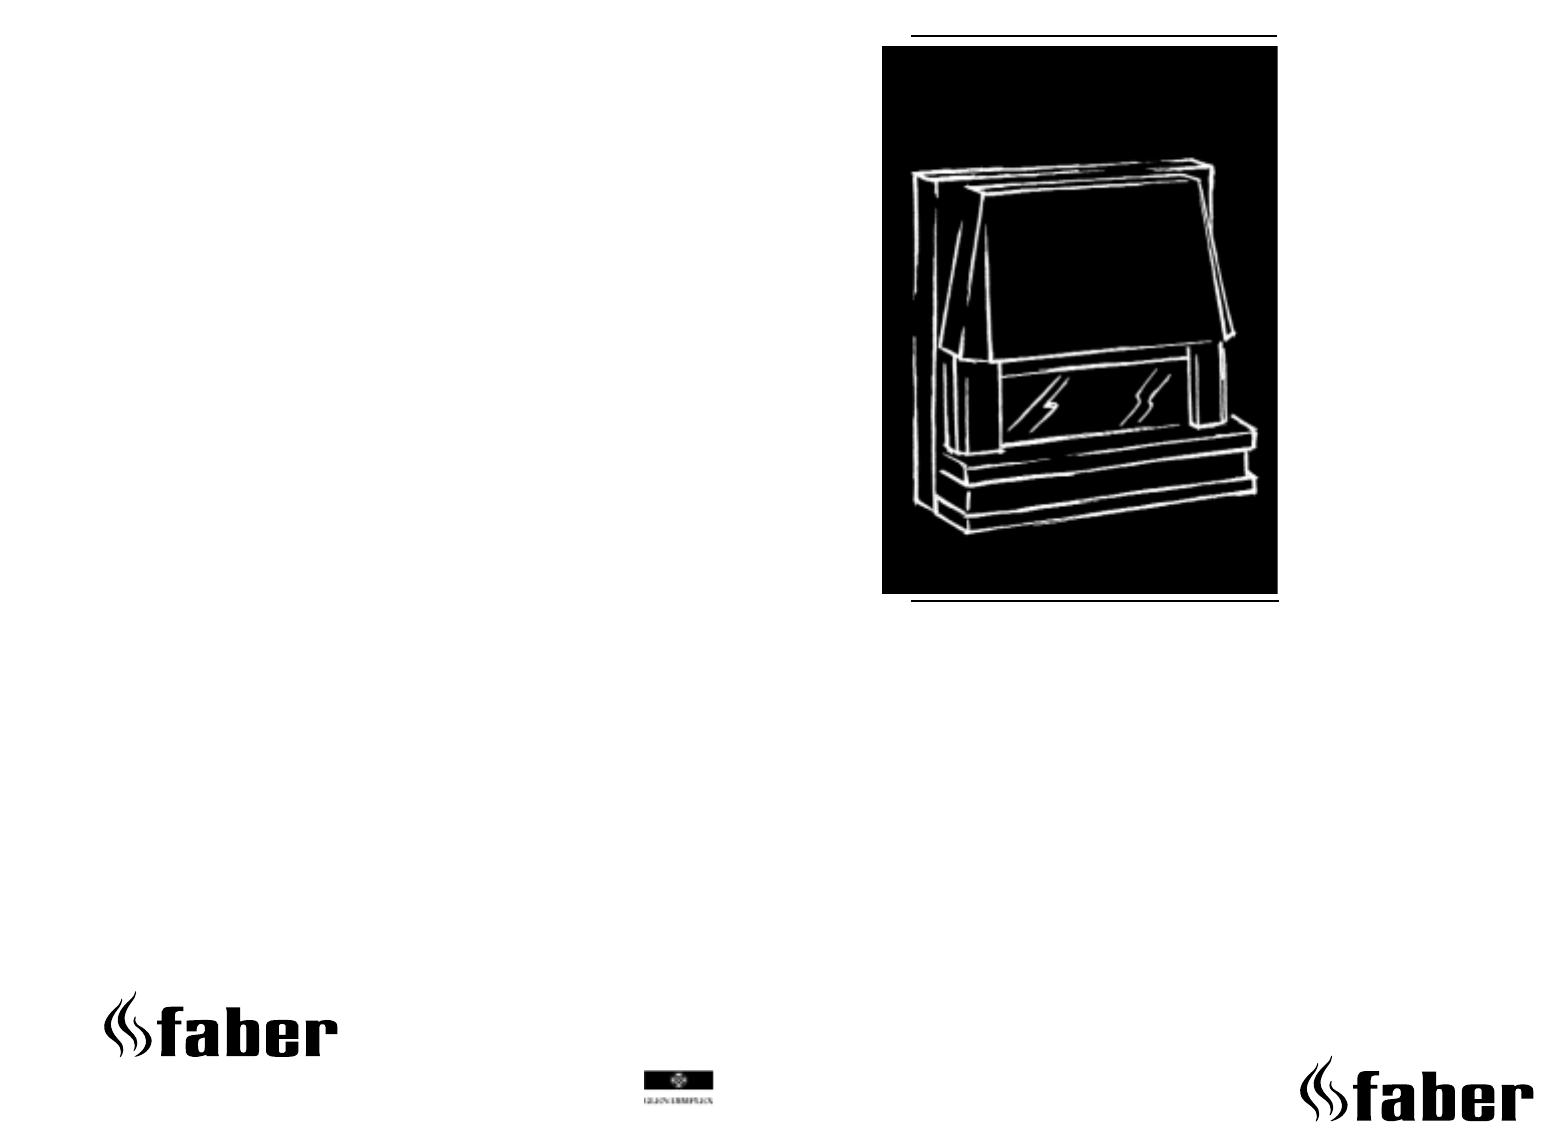 bedienungsanleitung faber malaga seite 1 von 18 franz sisch holl ndisch. Black Bedroom Furniture Sets. Home Design Ideas